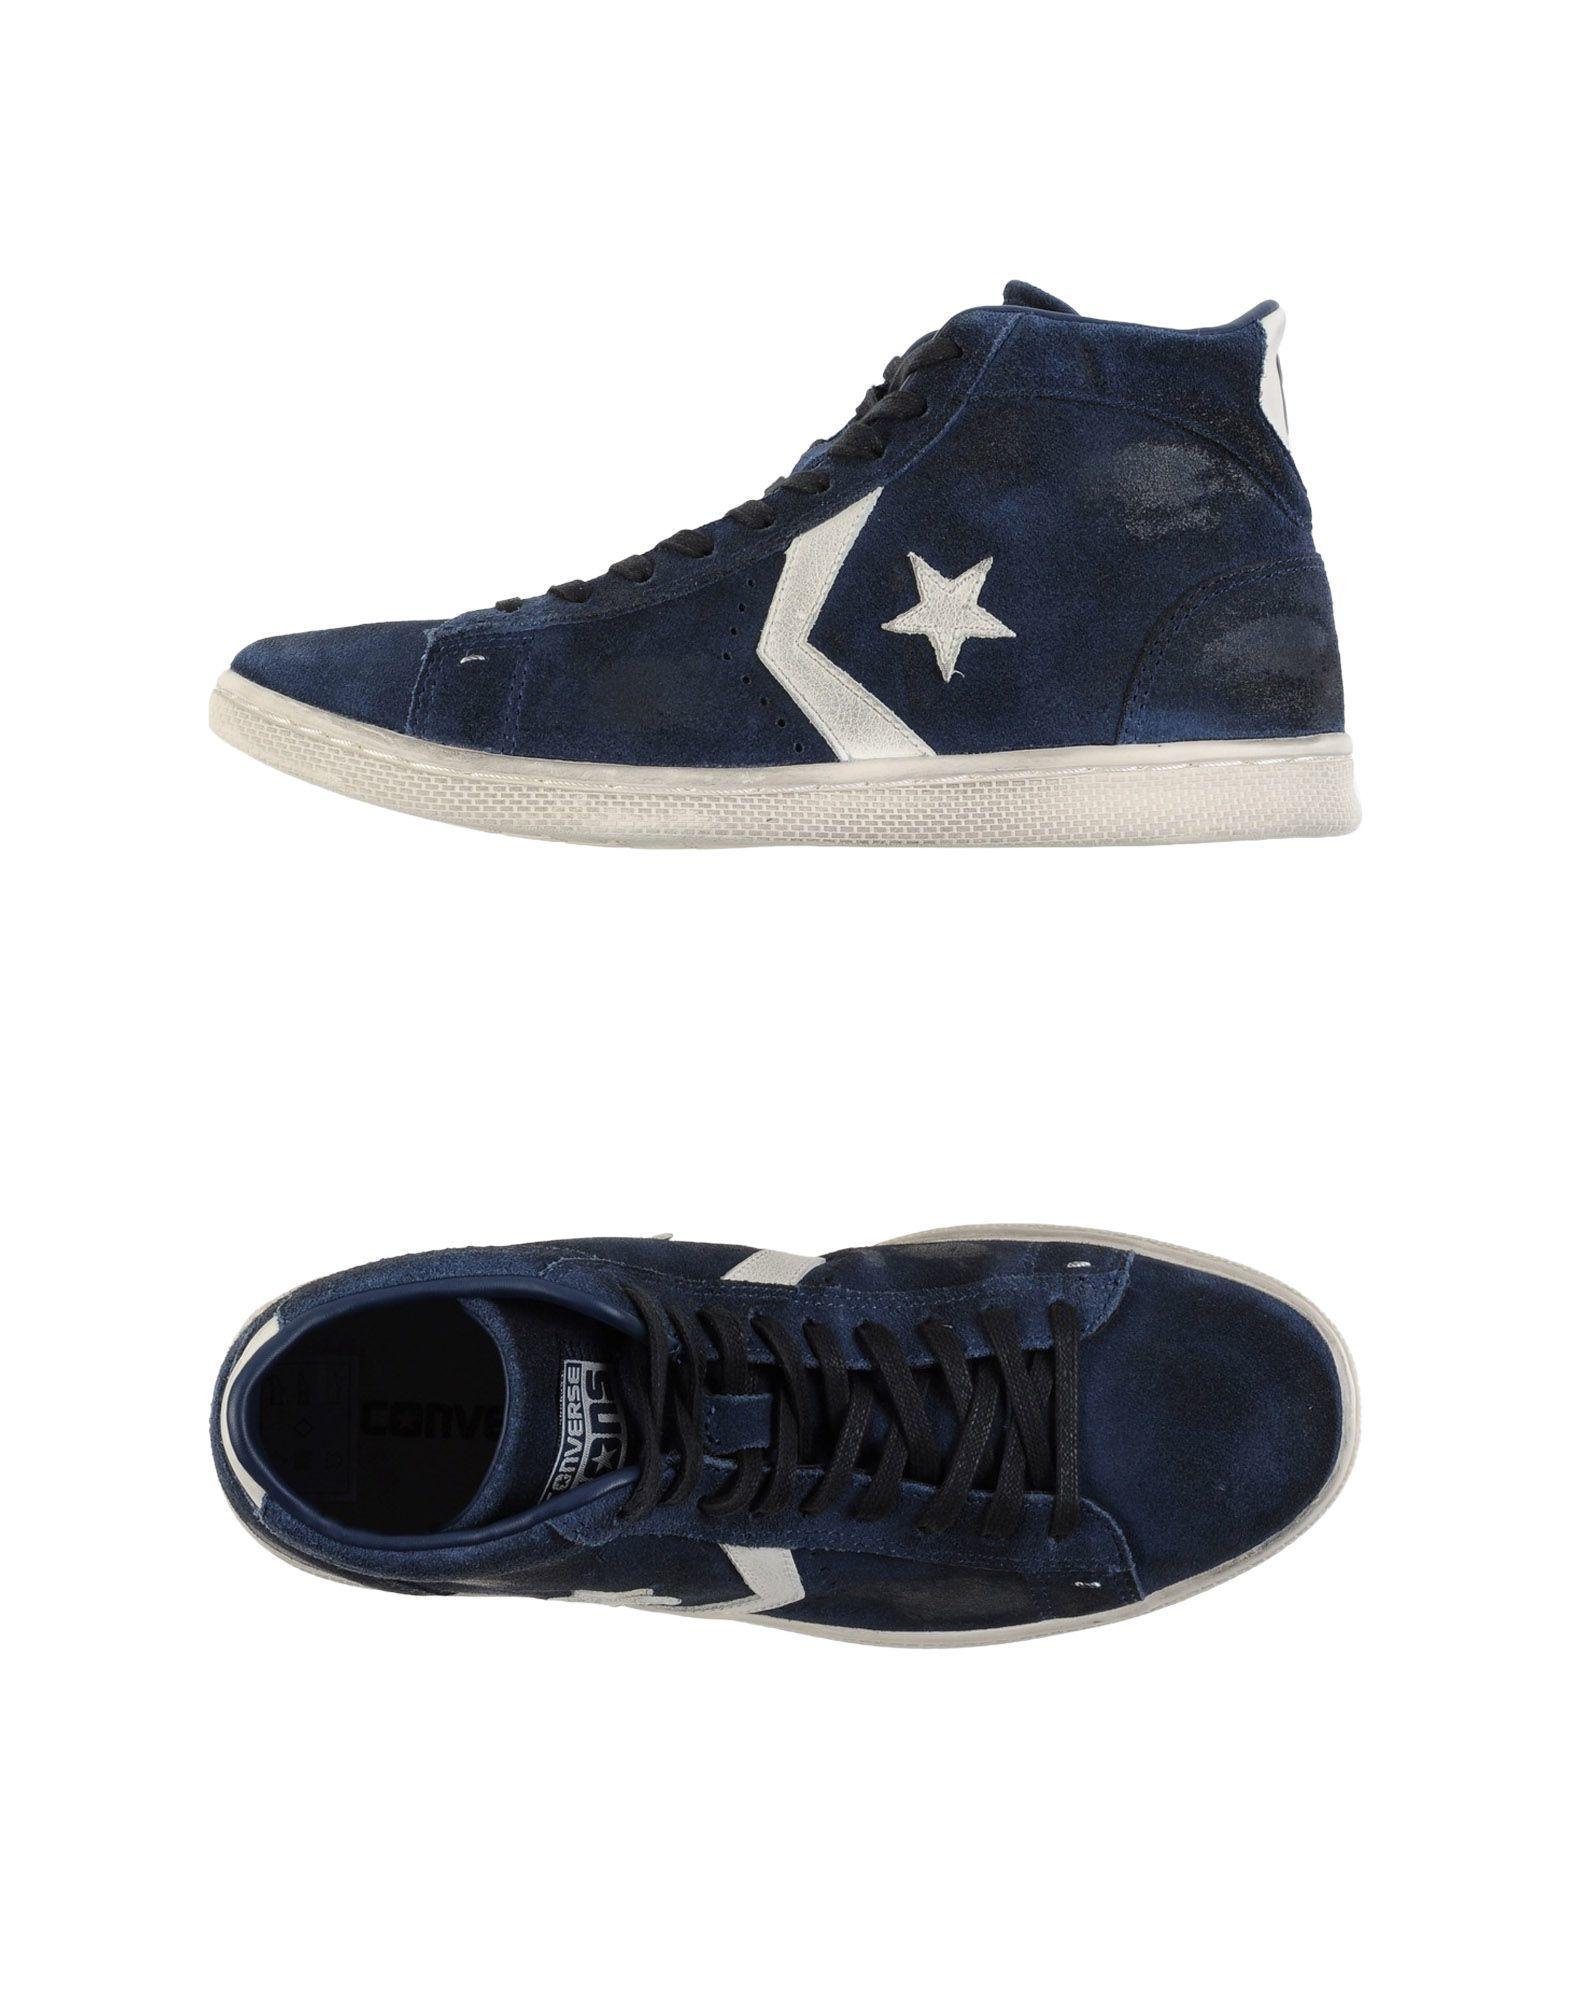 Paisley Converse Shoes At Macy S